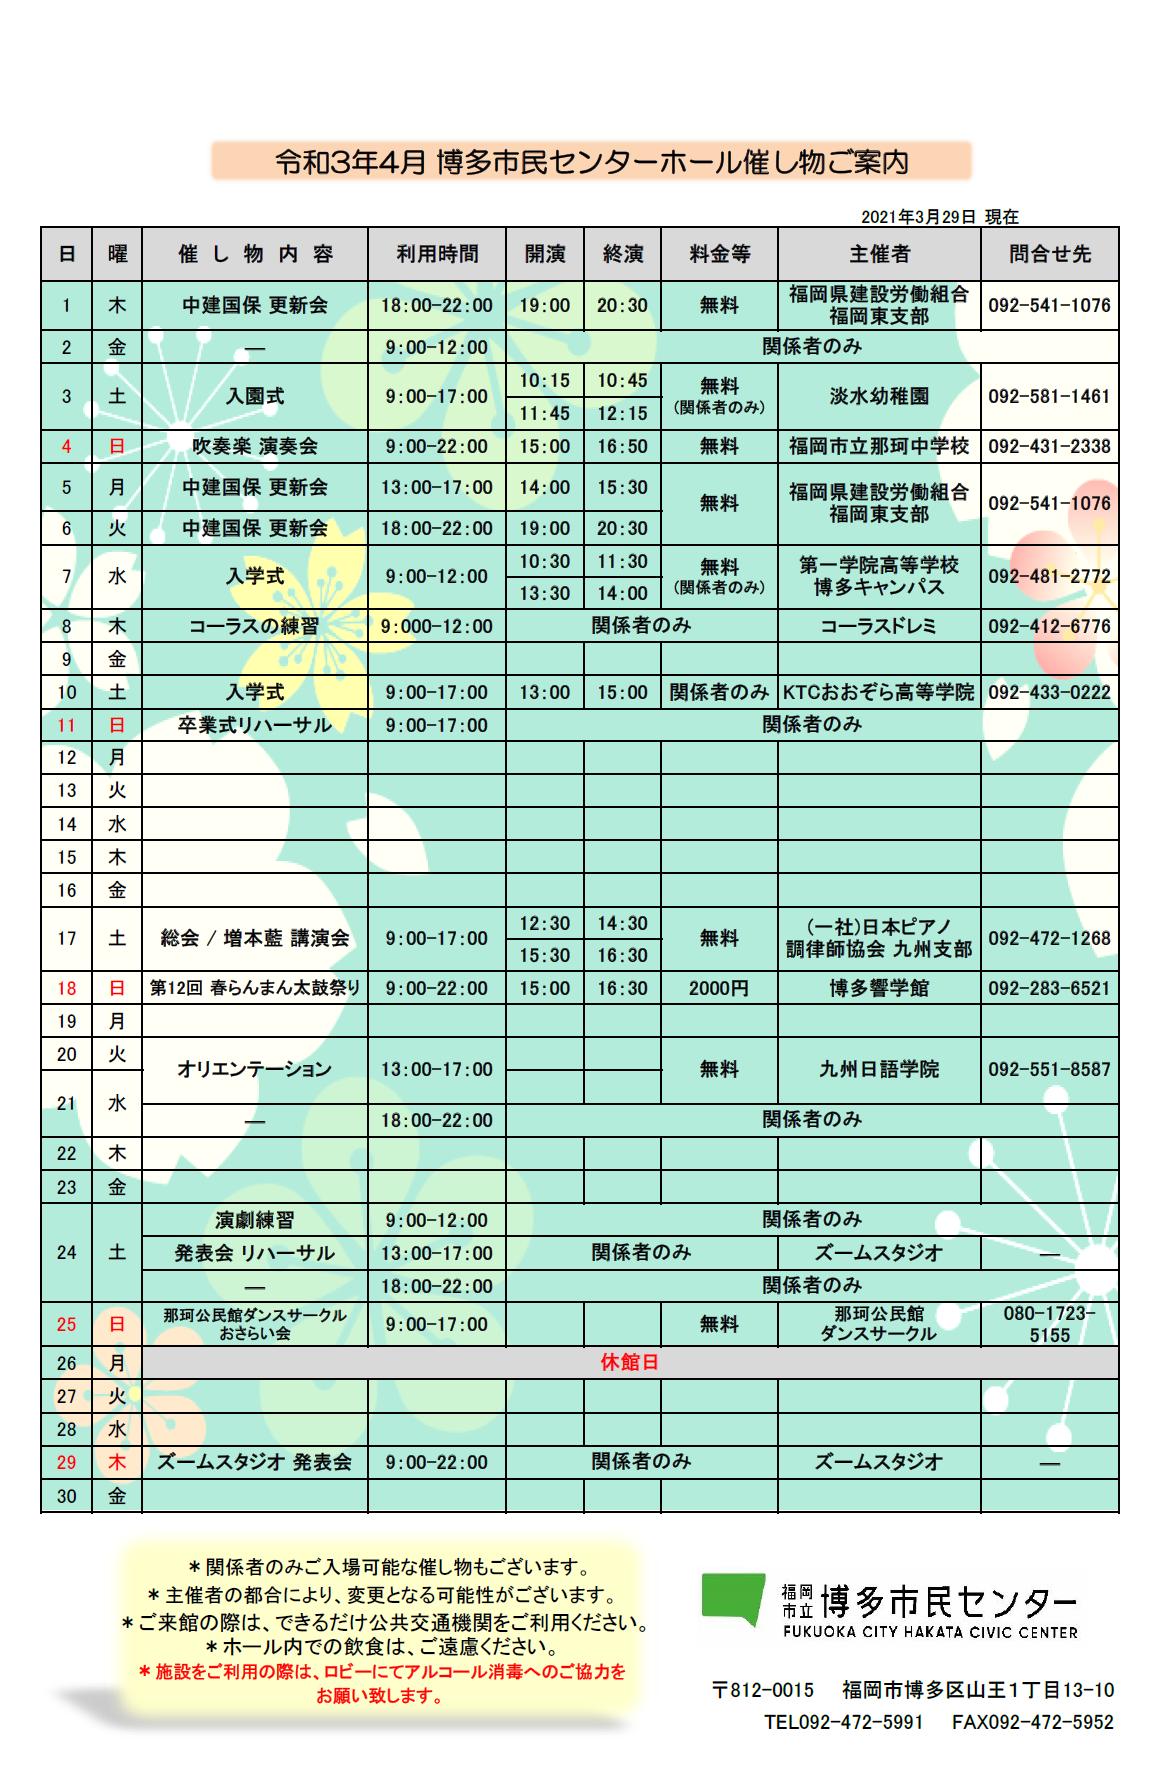 博多市民センターホール催し物ご案内【4月】